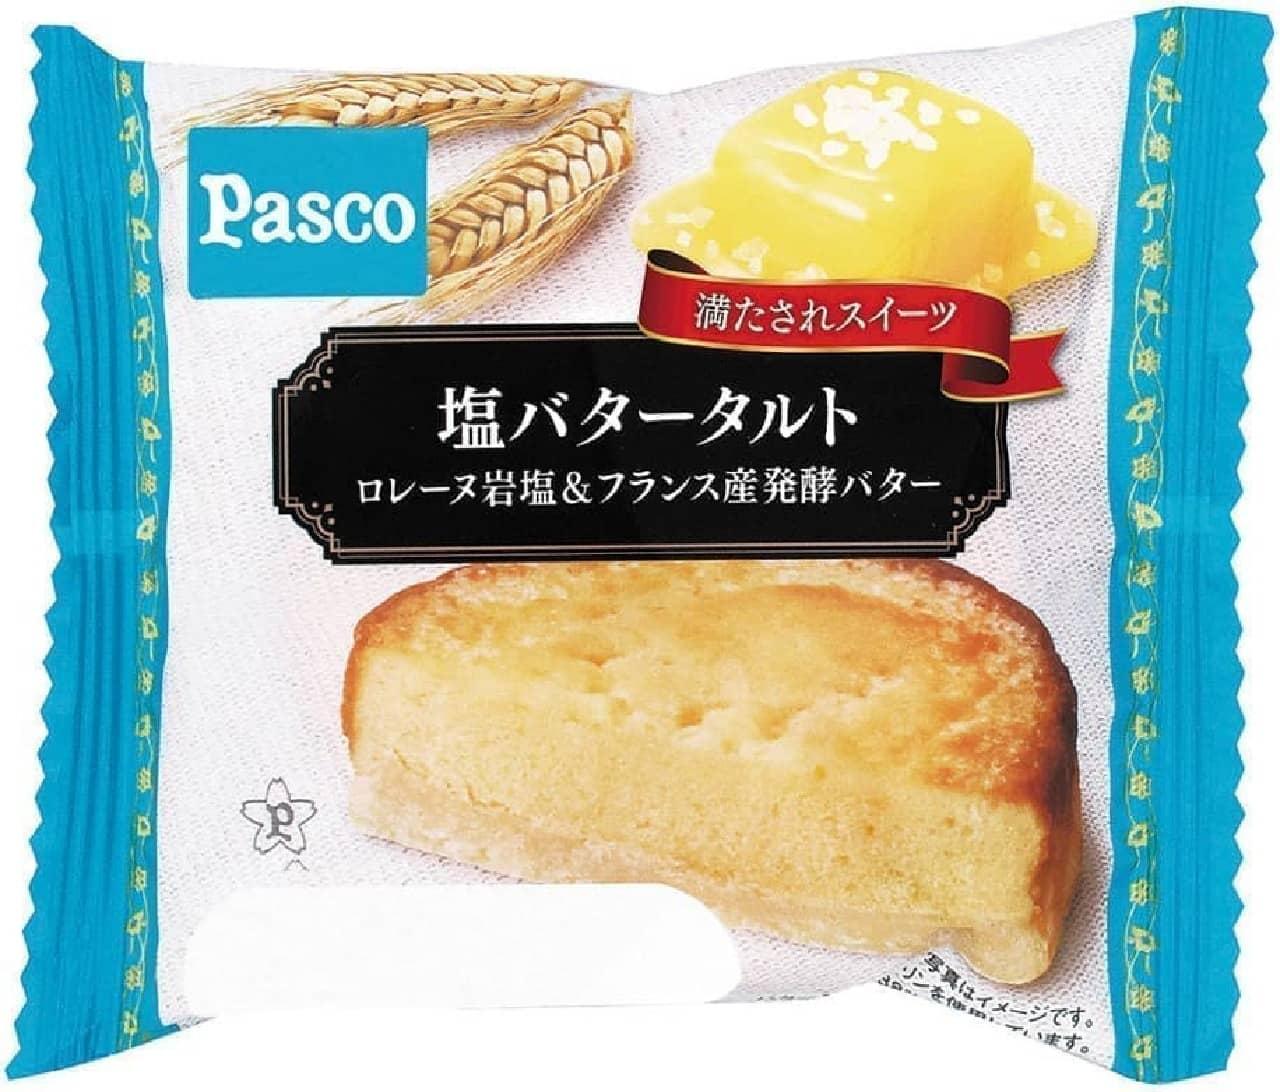 パスコ「塩バタータルト」